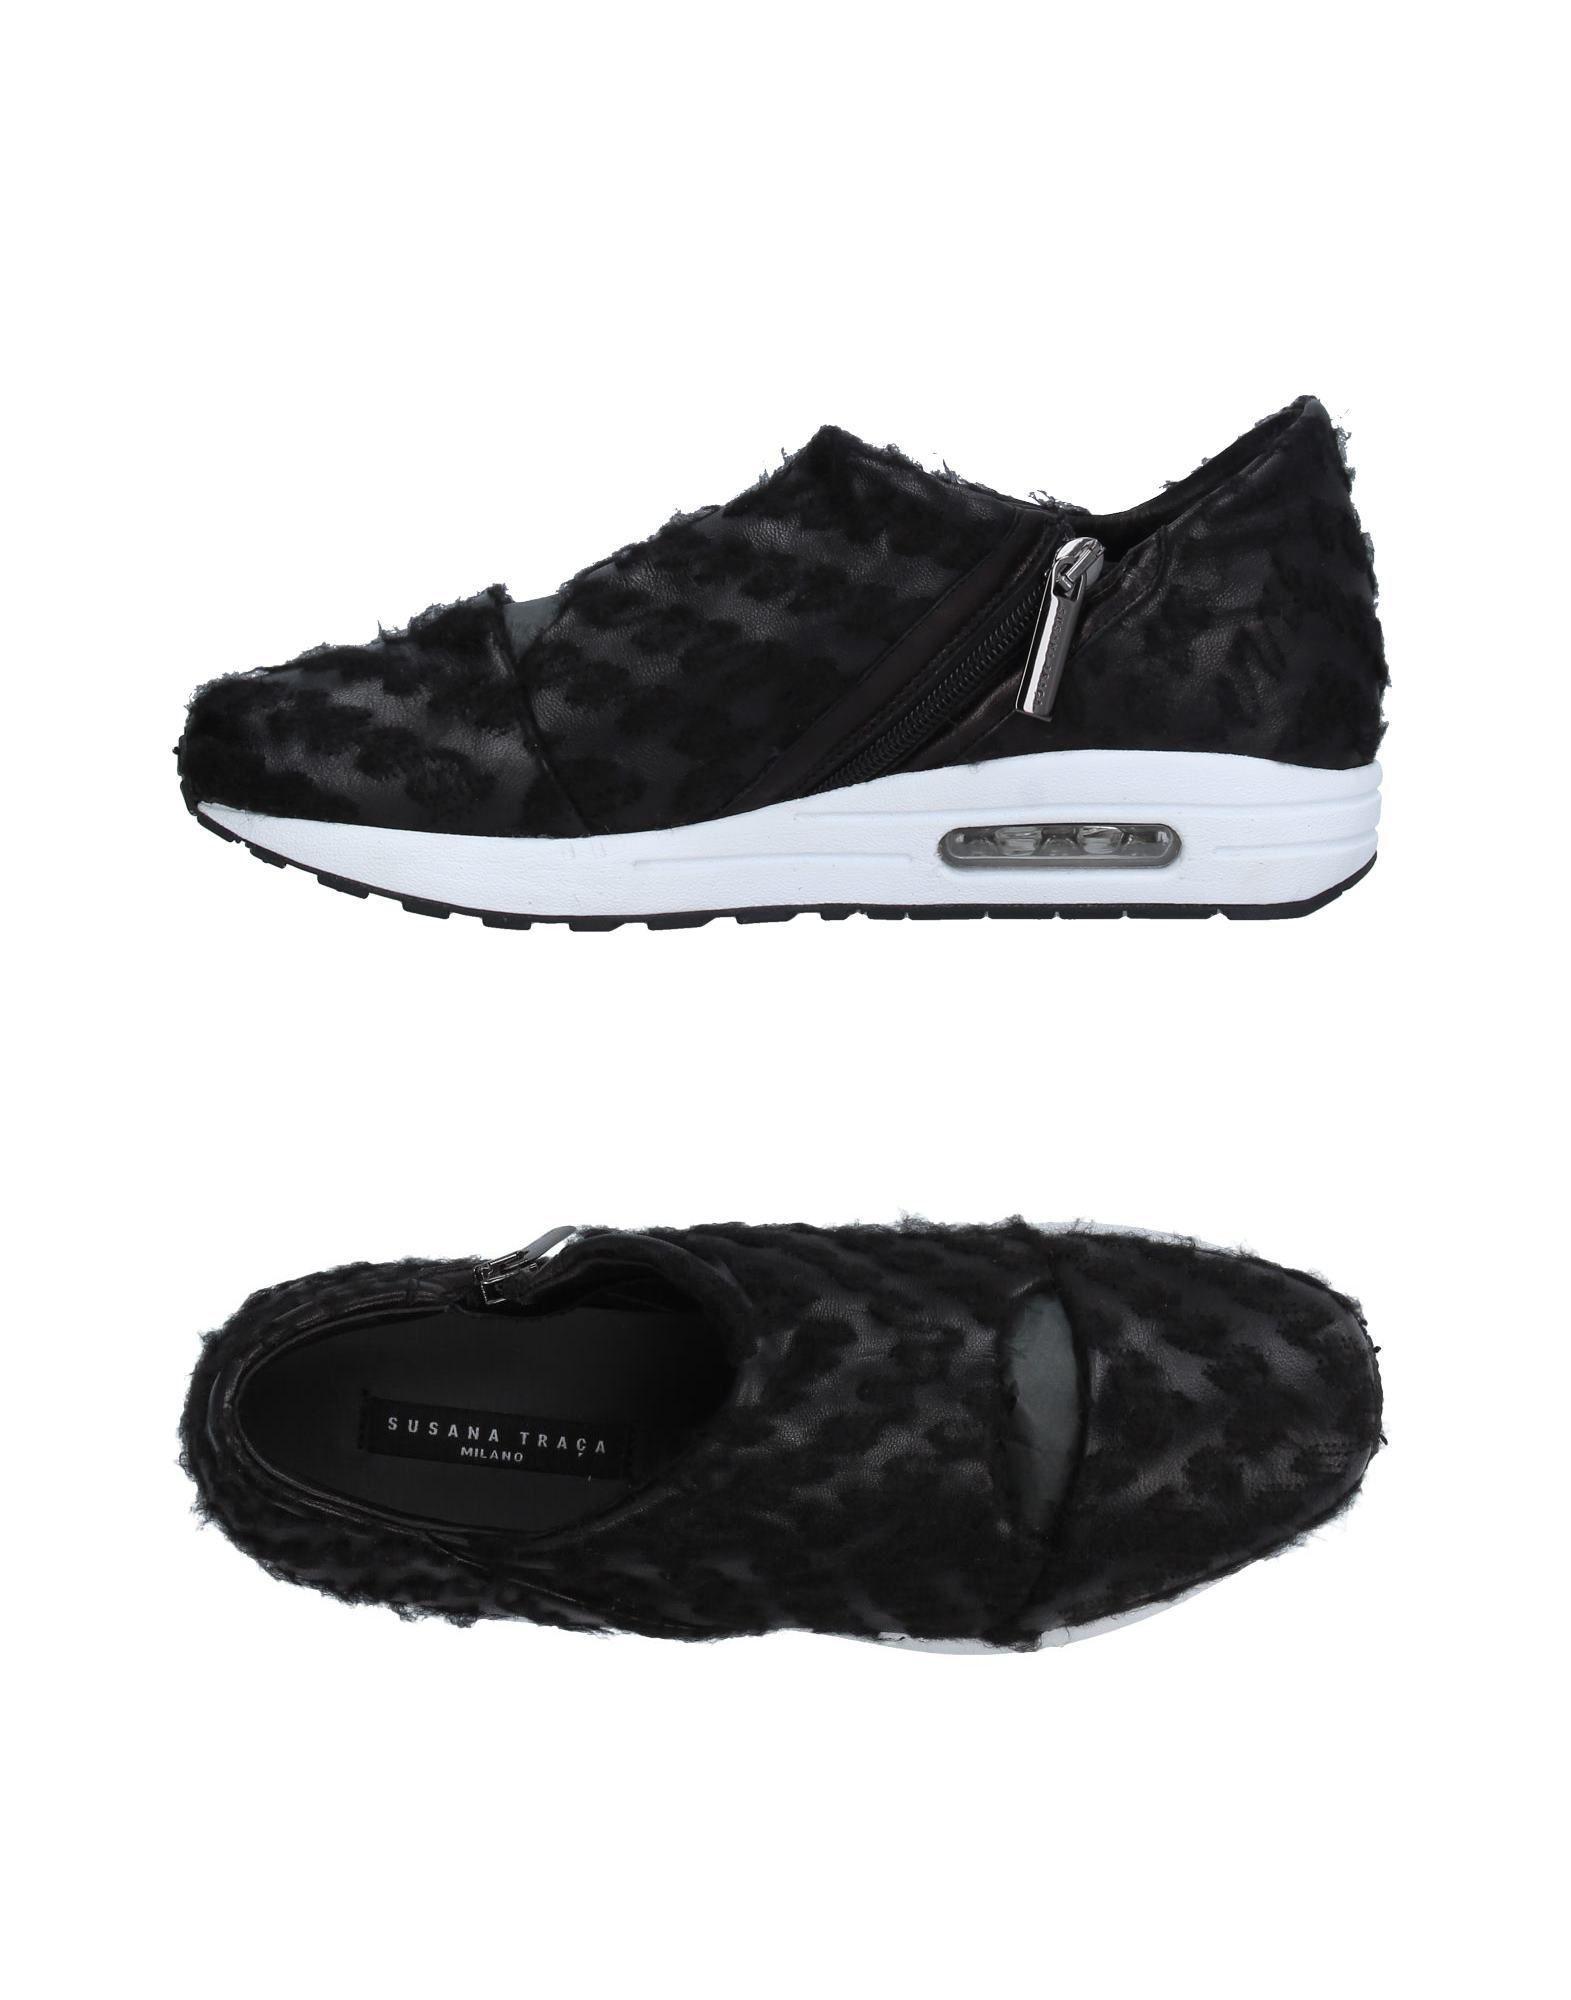 FOOTWEAR - Low-tops & sneakers Susana Tra?a k18a8